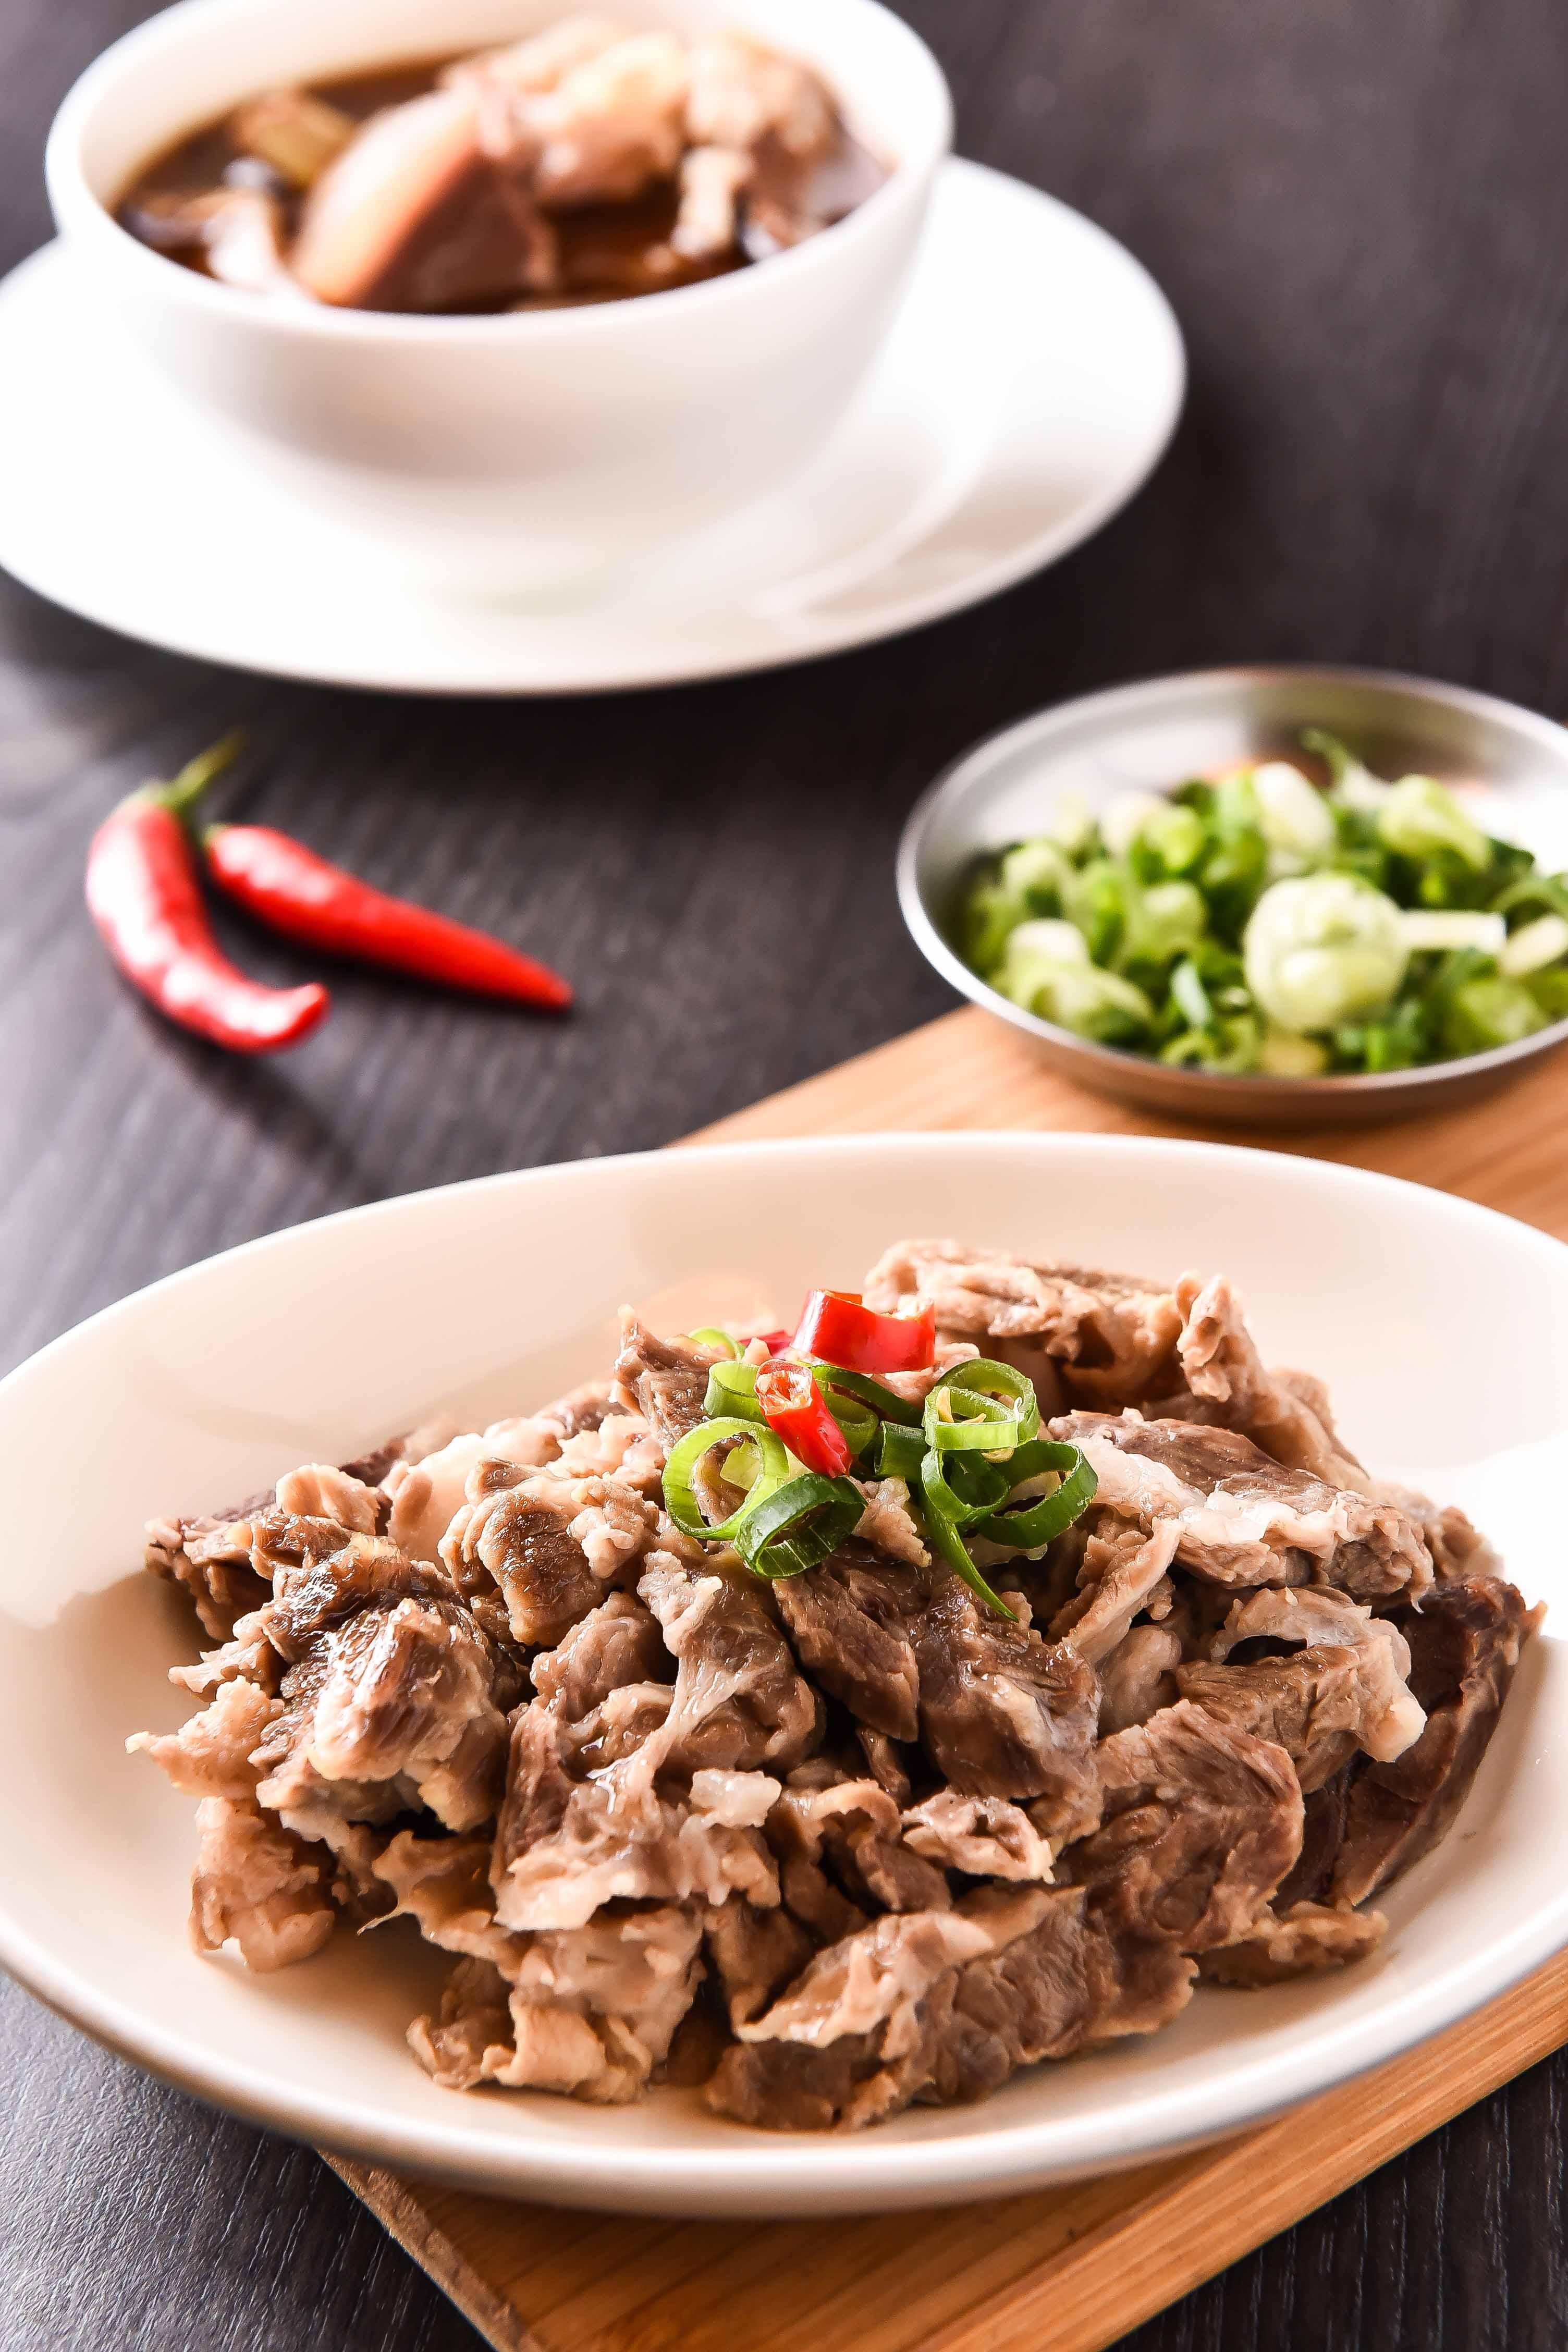 【 咩 】羊礦雜肉 台南知名羊肉爐【傳香三代】 真材食料 高品質嚴選 (80g/包) 1